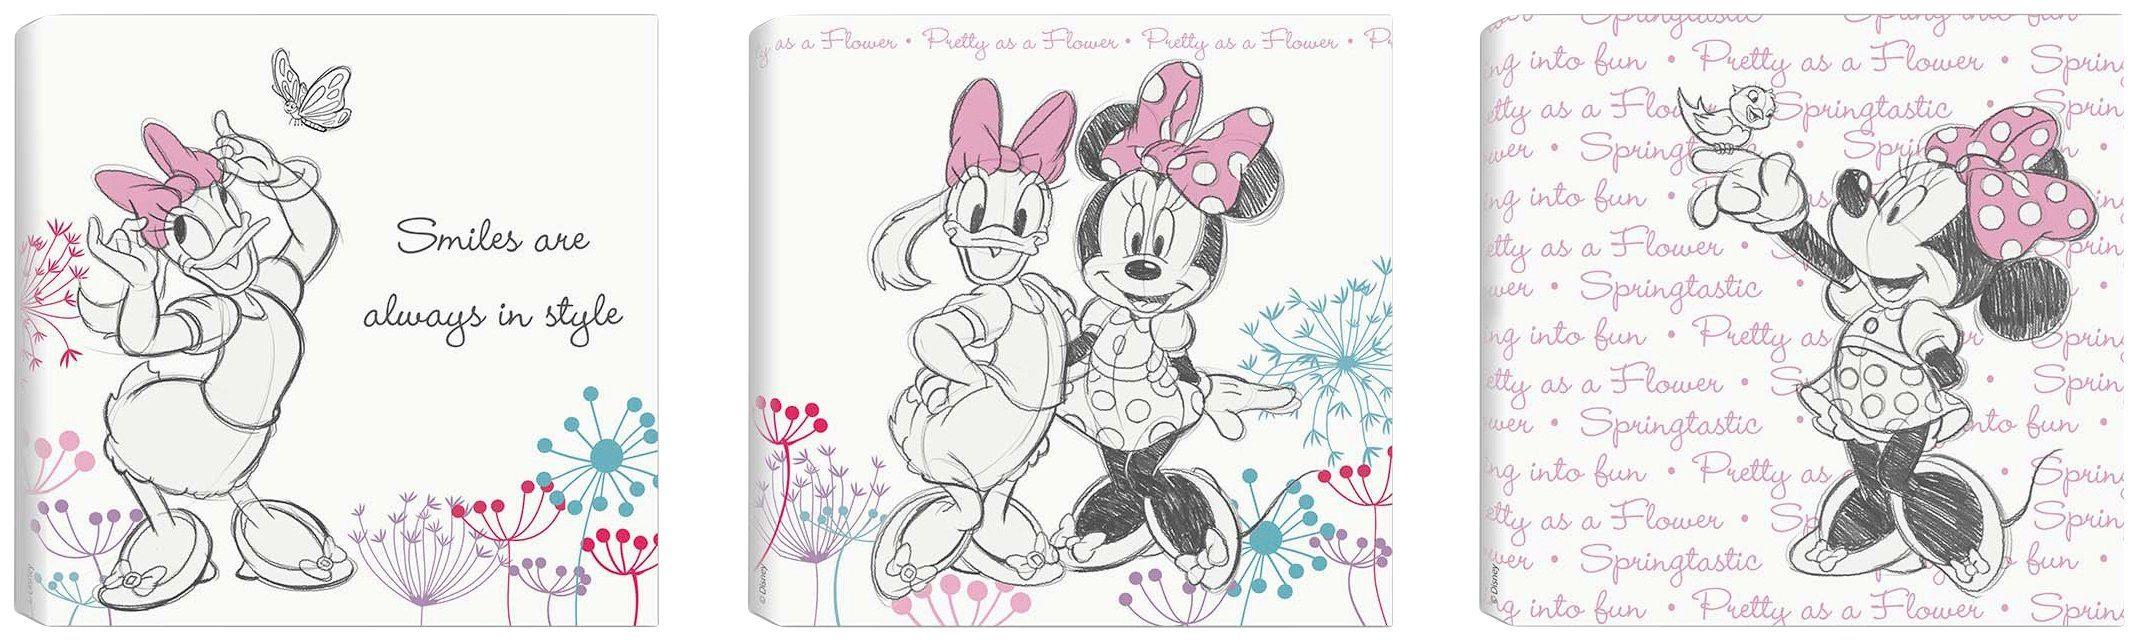 Disney Leinwandbild Minnie & Daisy (Set) rosa Leinwandbilder Bilder Bilderrahmen Wohnaccessoires 88498811